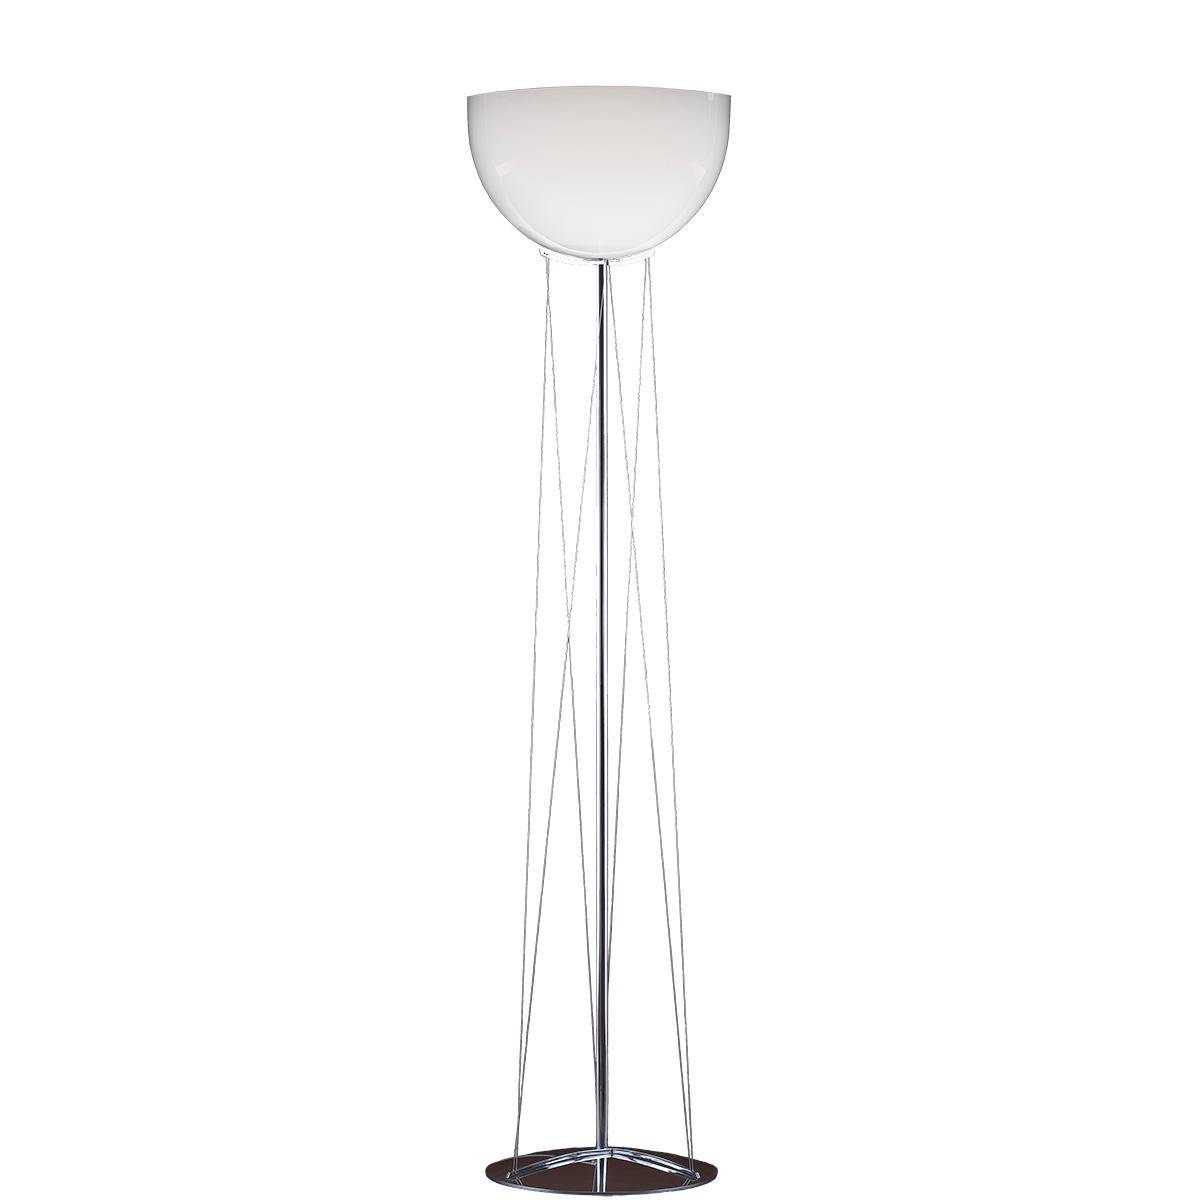 Φωτιστικό δαπέδου Μουράνο λευκό MARS modern white Murano floor lamp